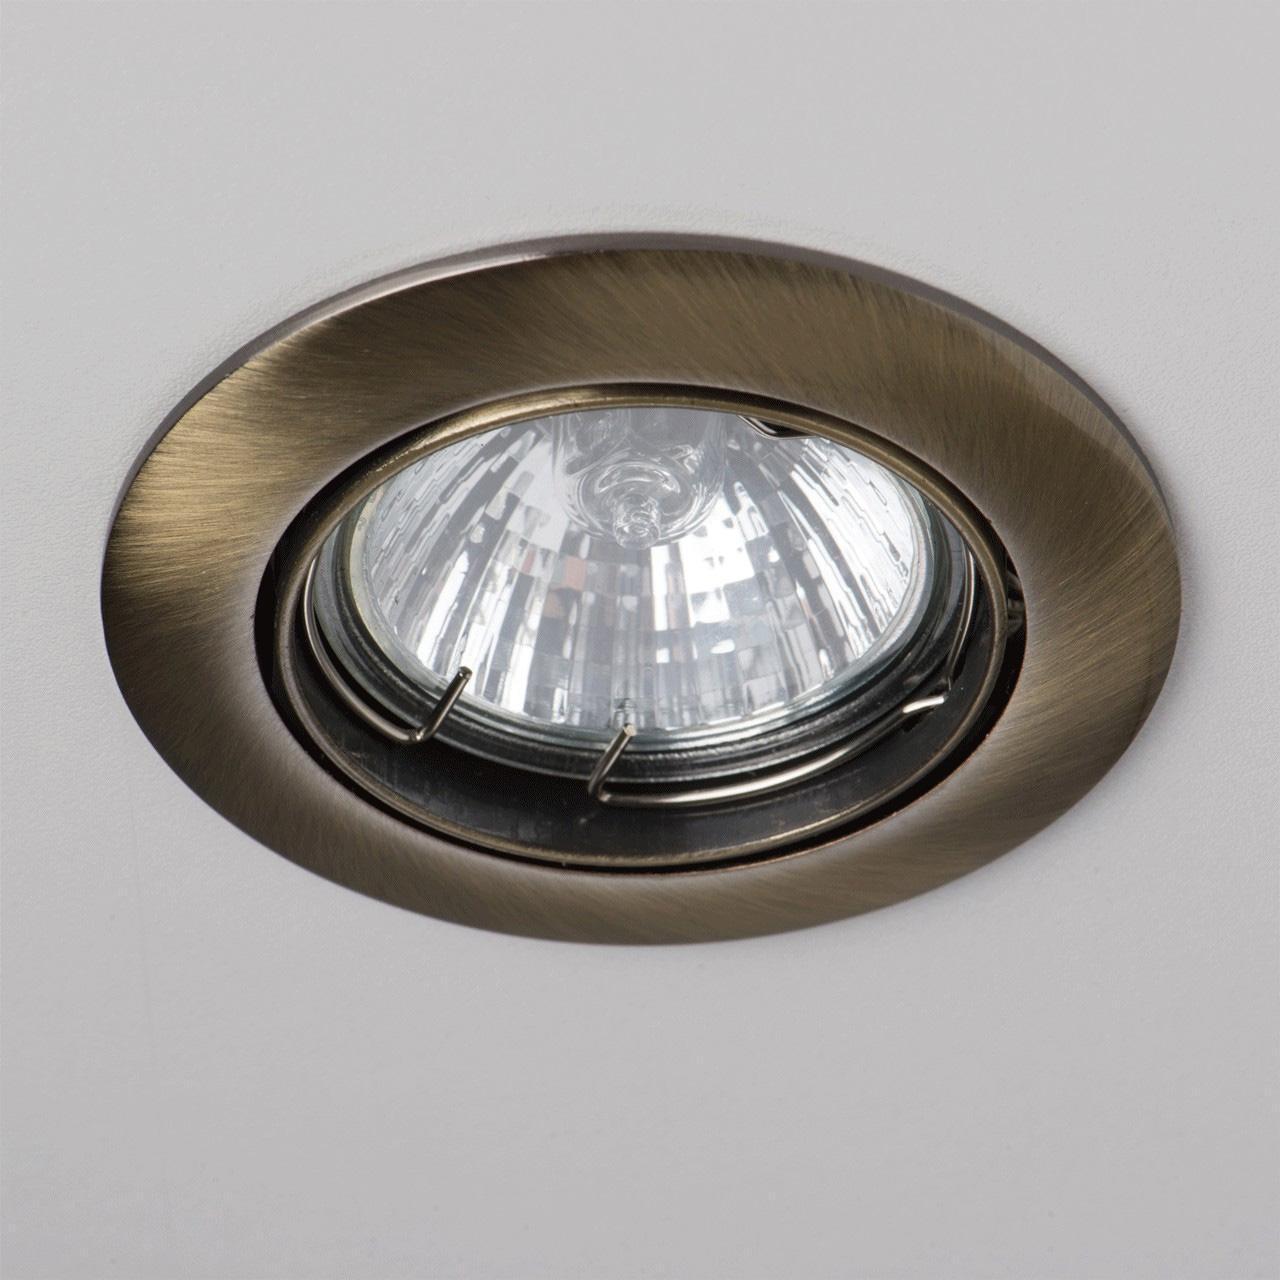 Фото - Встраиваемый светильник De Markt Круз 637010301 cветильник галогенный de fran встраиваемый 1х50вт mr16 ip20 зел античное золото